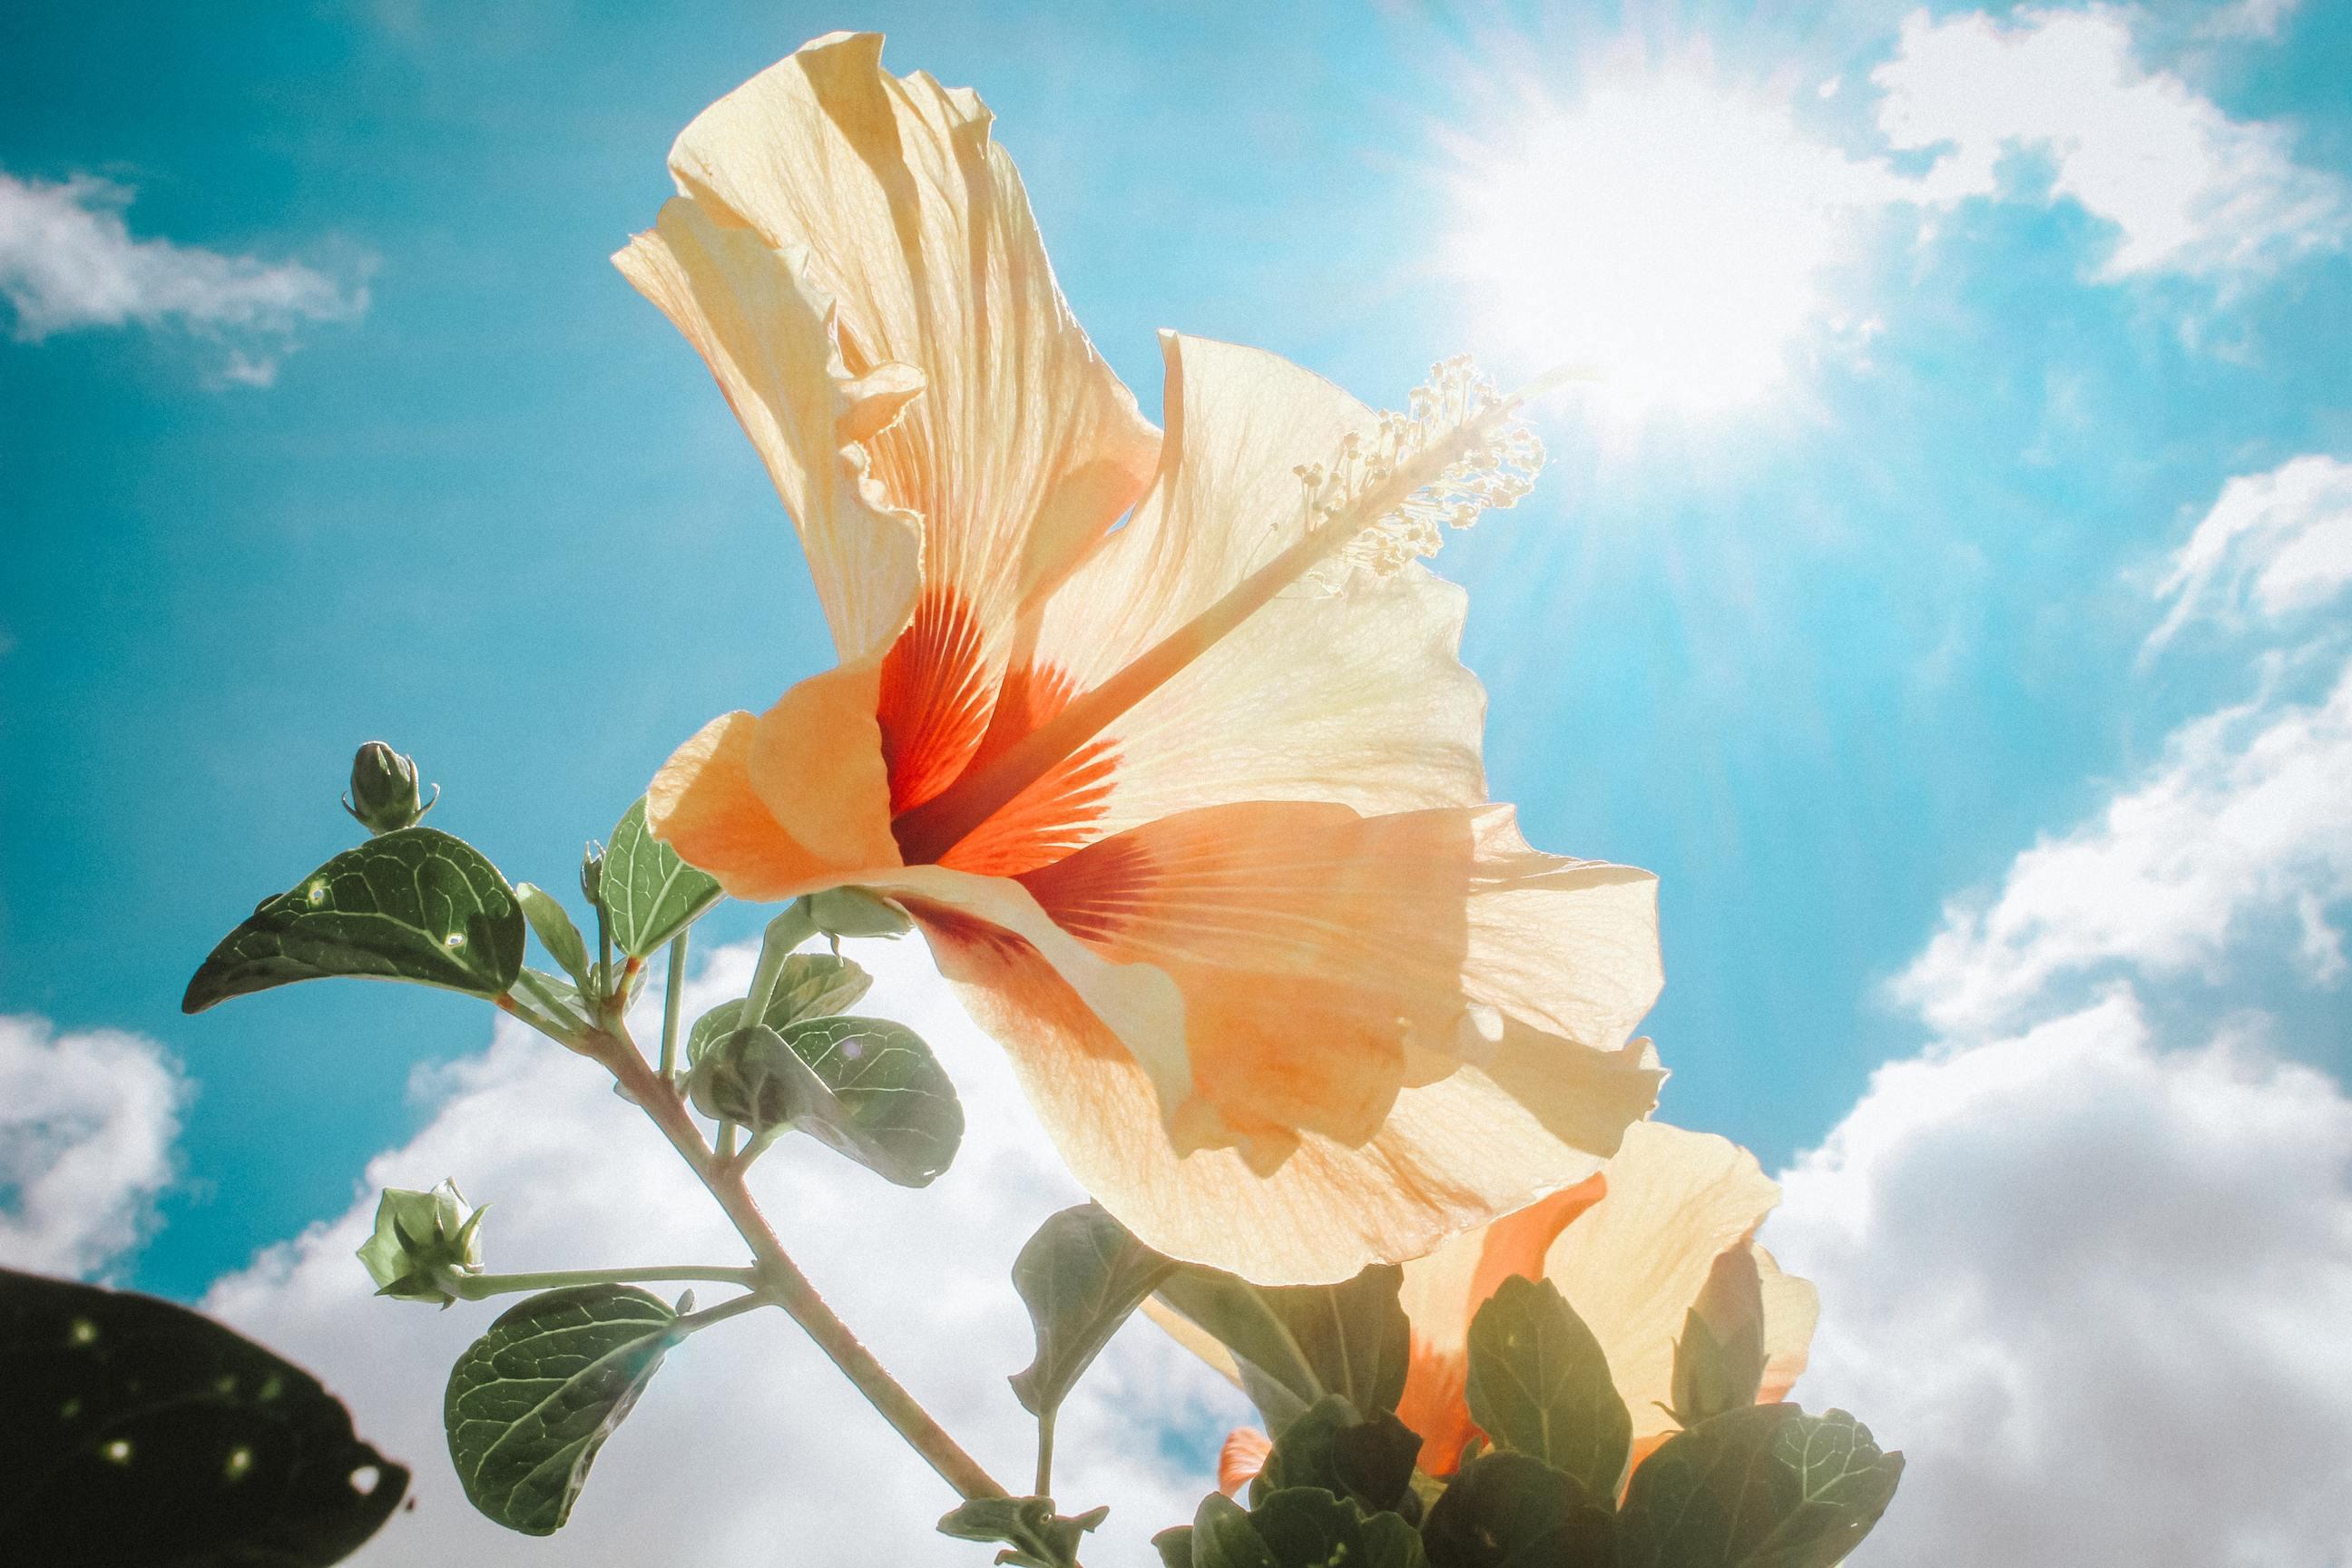 Ảnh bầu trời xanh nắng vàng cực đẹp